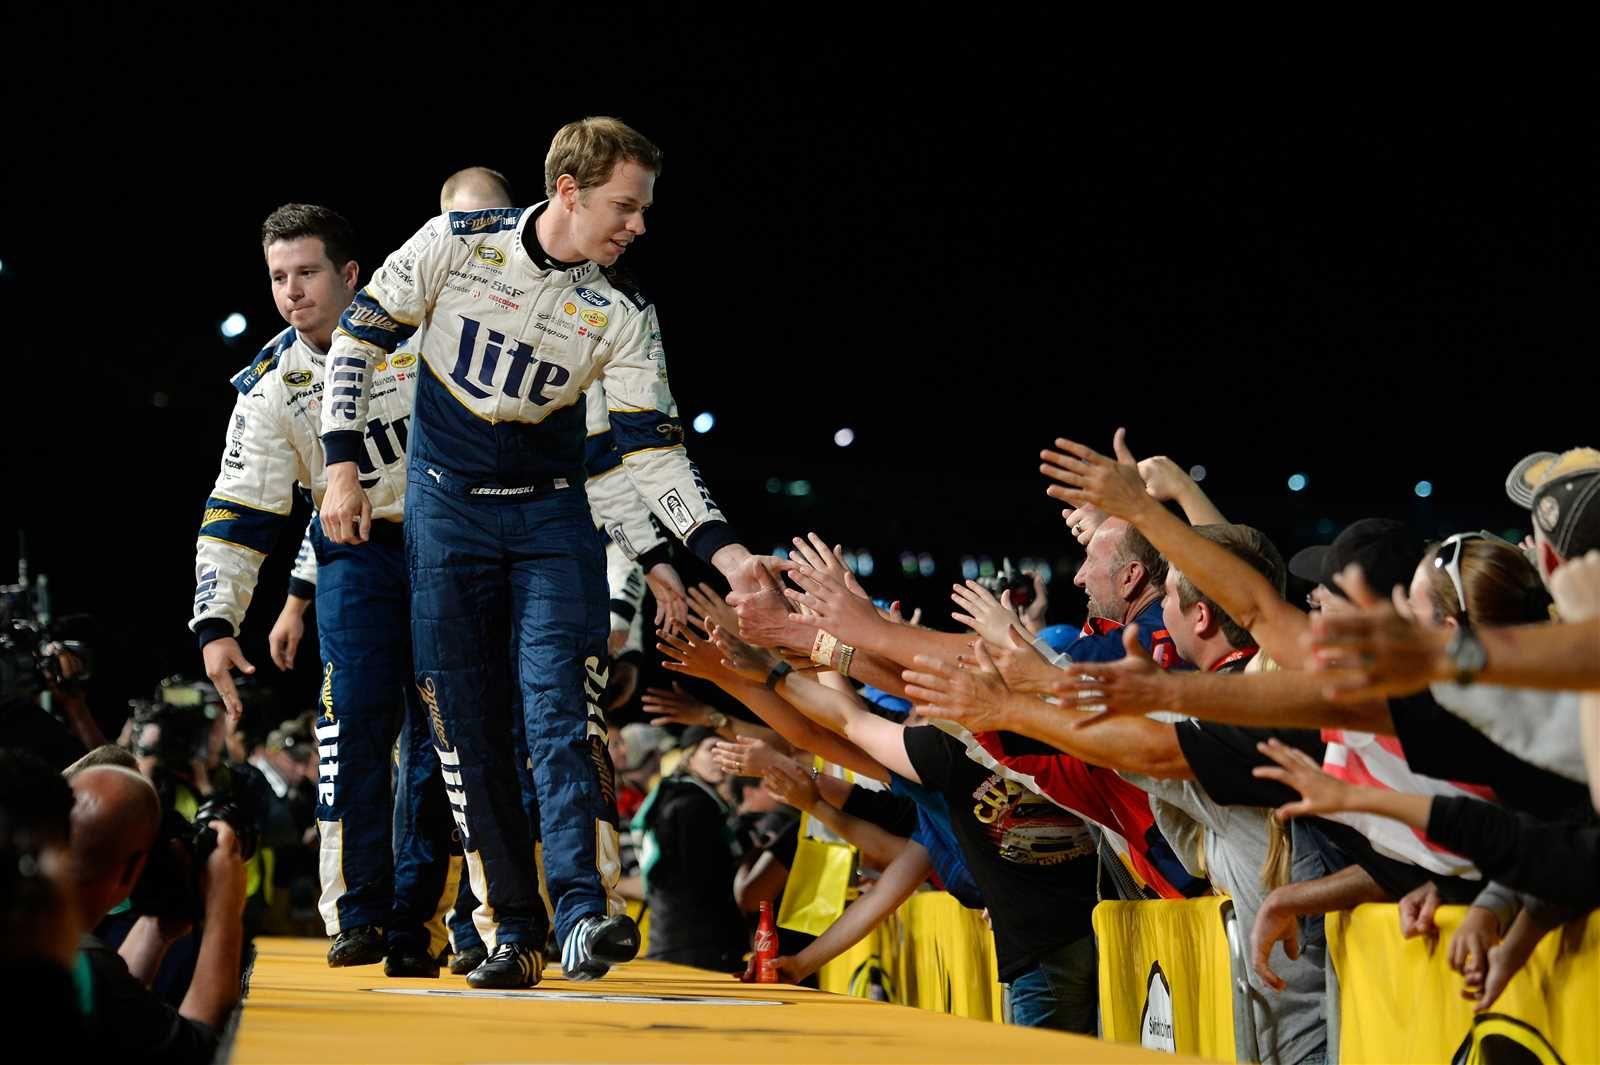 Pin on Patsy's NASCAR